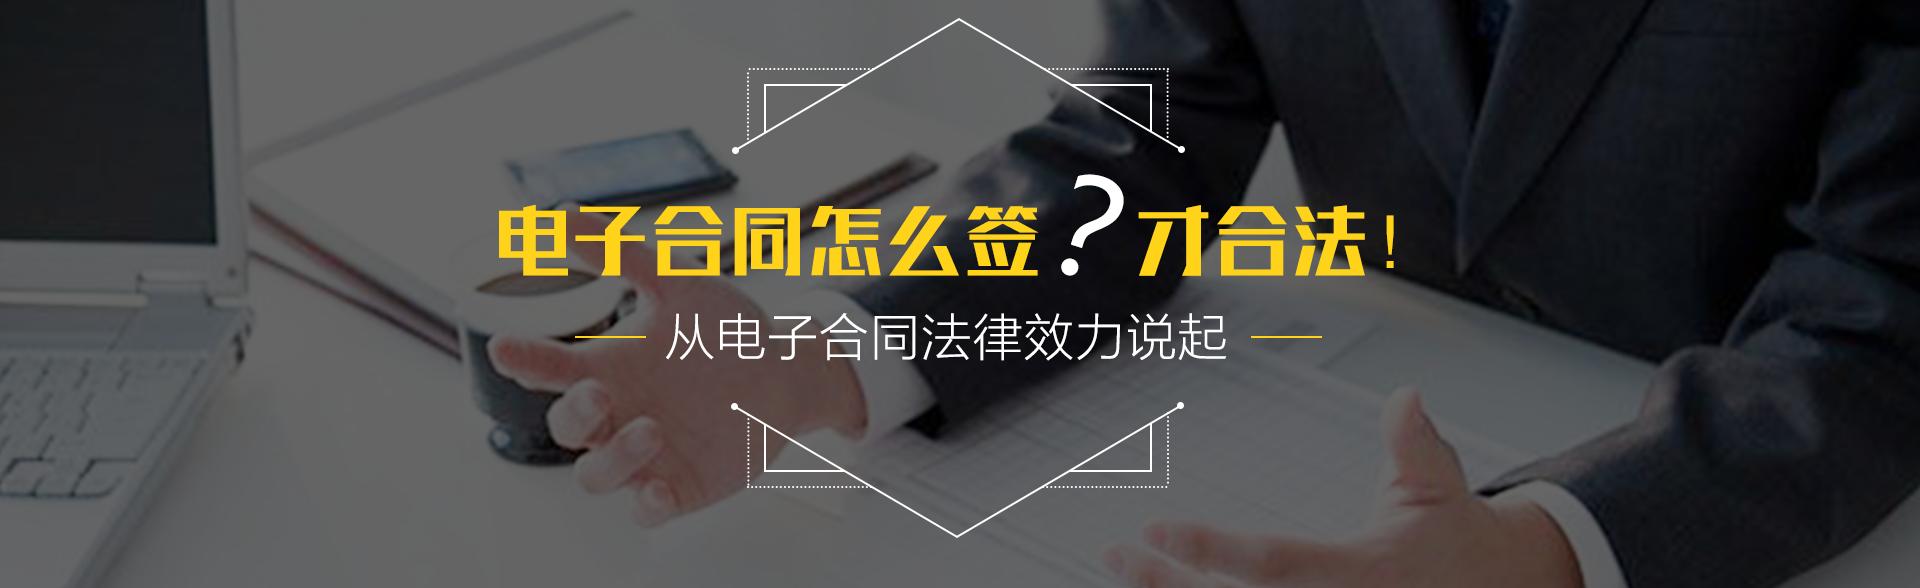 电子合同怎么签-电子签名怎么签-网上签合同有效吗【有法律效力吗/靠谱吗,流程/案例】-法大大